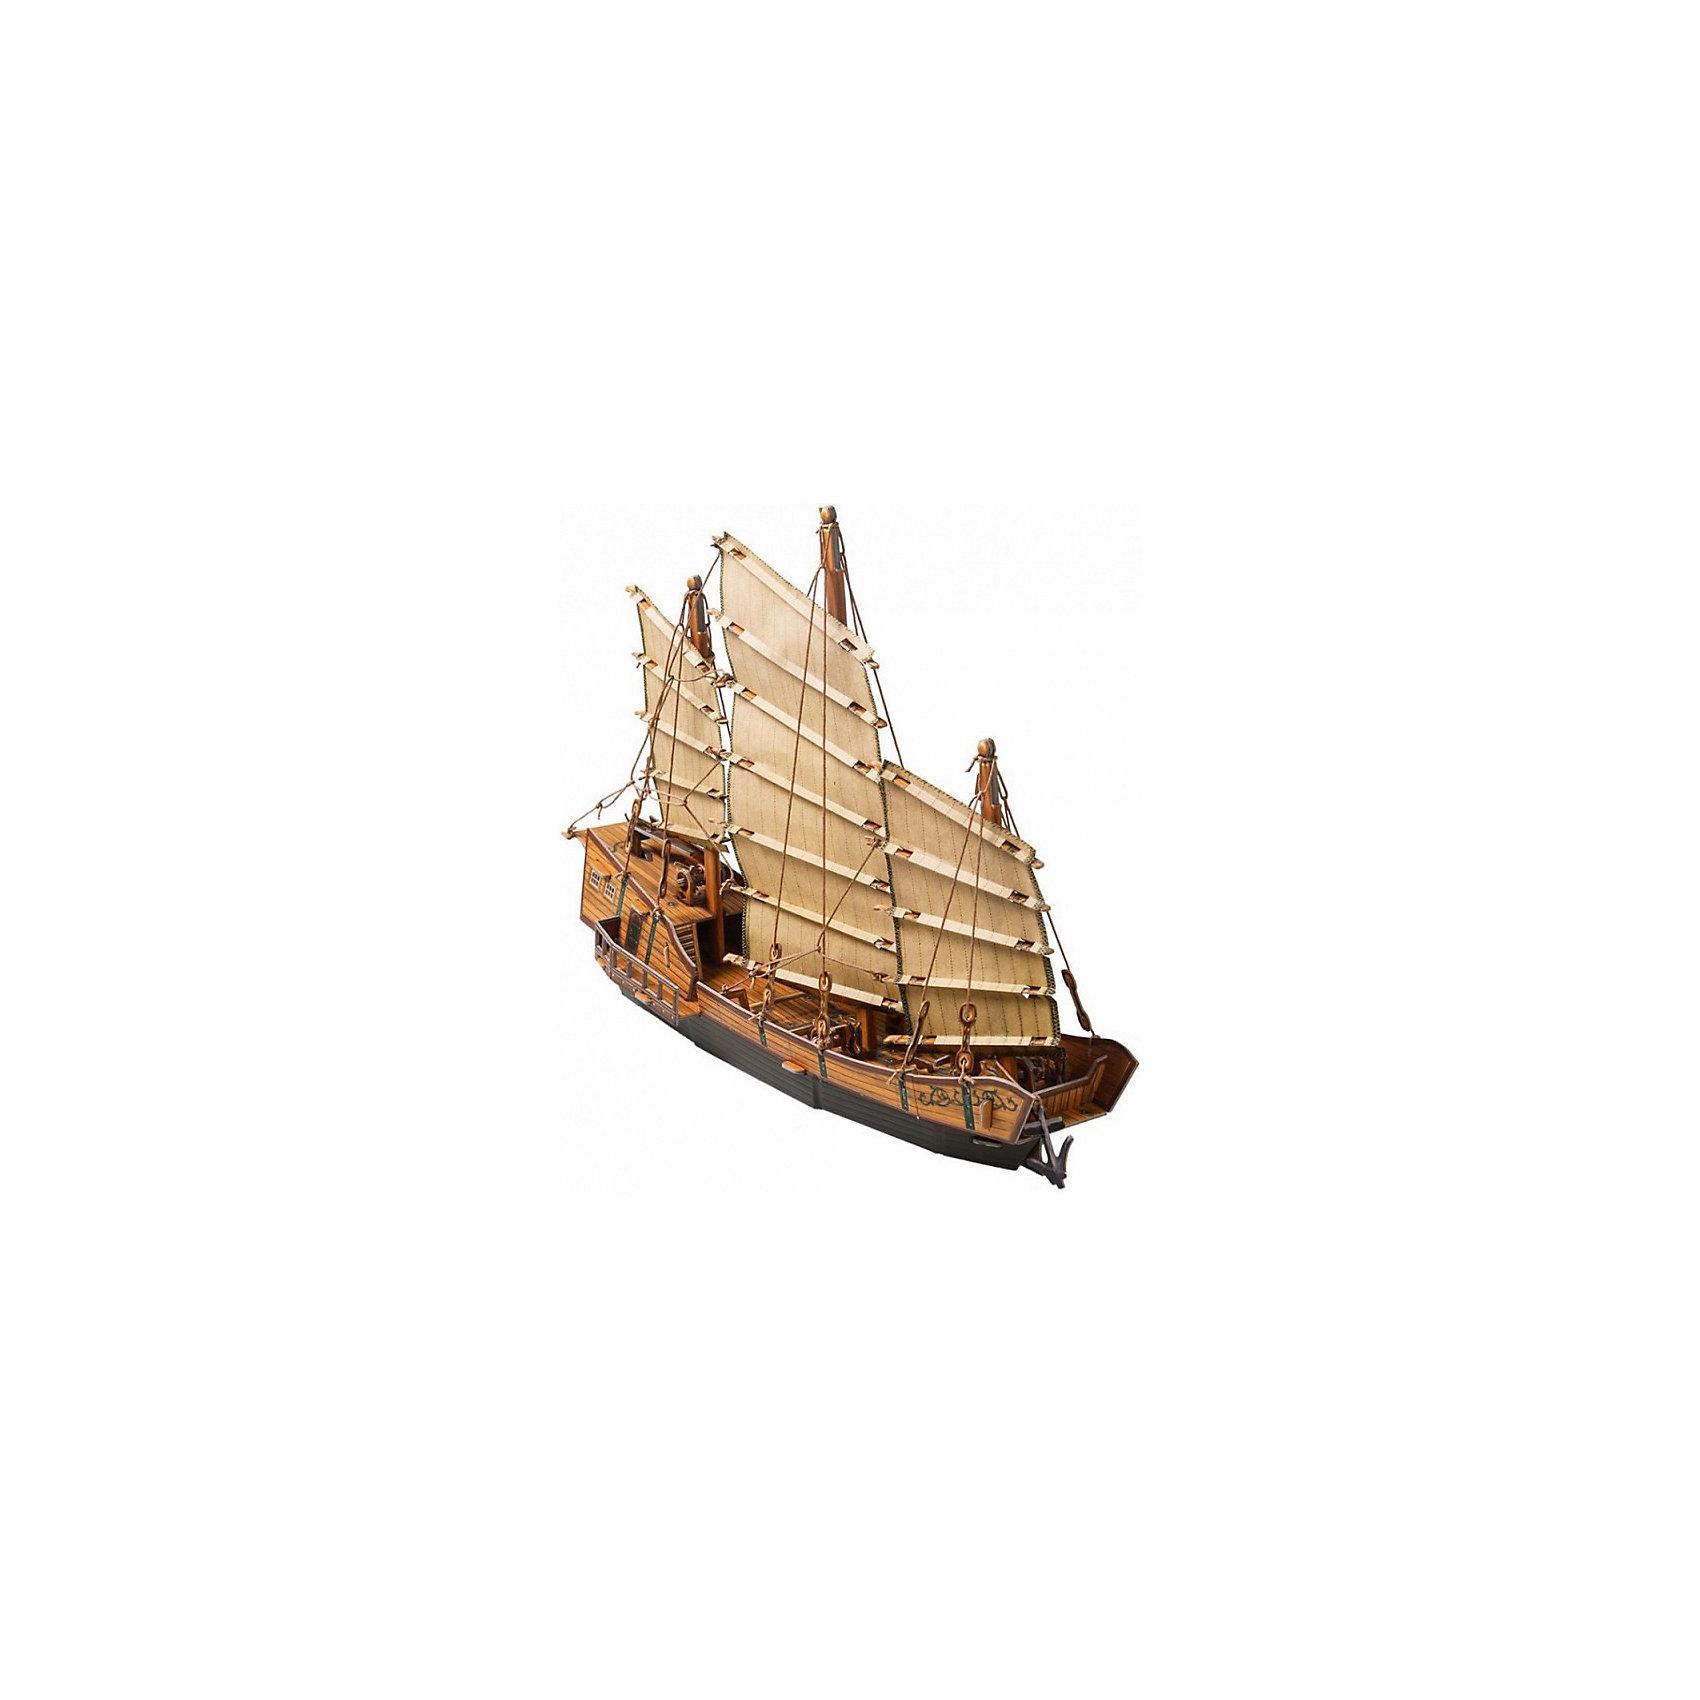 Сборная модель ДжонкаМодели из картона и бумаги<br>Джонка - традиционное китайское парусное судно, известное уже более двух тысячелетий. Джонки применялись не только как промысловое или транспортное судно, но и в военных целях. Высокая степень детализации и реалистичные детали делают сборку конструктора очень интересным занятием. Принцип соединения деталей запатентован: все соединения разработаны и рассчитаны с такой точностью, что с правильно собранной игрушкой можно играть, как с обычной. Конструирование увлекательный и полезный процесс, развивающий мелкую моторику, внимание, усидчивость, пространственное мышление и фантазию. <br>Все сборные модели «Умная Бумага» разрабатываются на основе чертежей и фотографий оригинала. В их оформлении широко используются современные способы обработки бумаги для передачи рельефности поверхности, а для имитации хромированных и золоченых элементов применяется тиснение фольгой.<br><br>Дополнительная информация:<br><br>- Материал: картон.<br>- Размер модели: 35 см.<br>- Размер упаковки: 37х25 см.<br>- Модель из картона не предназначена для игр в воде.<br><br>Сборную модель Джонка можно купить в нашем магазине.<br><br>Ширина мм: 367<br>Глубина мм: 252<br>Высота мм: 20<br>Вес г: 380<br>Возраст от месяцев: 72<br>Возраст до месяцев: 168<br>Пол: Унисекс<br>Возраст: Детский<br>SKU: 4697740